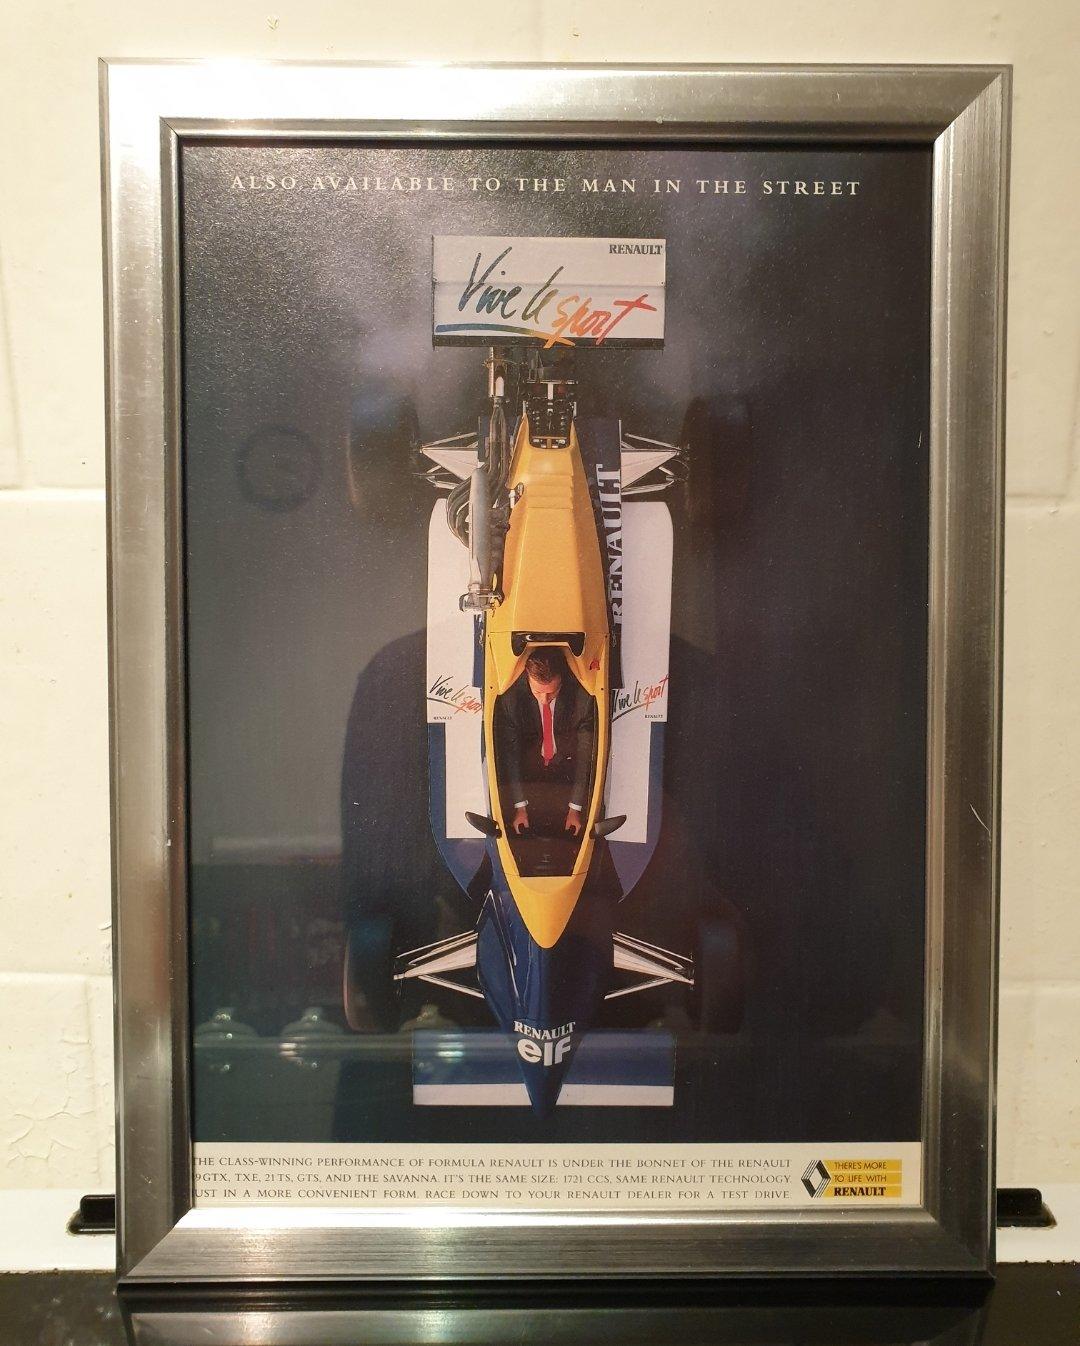 1990 Original Renault Framed Advert For Sale (picture 1 of 2)